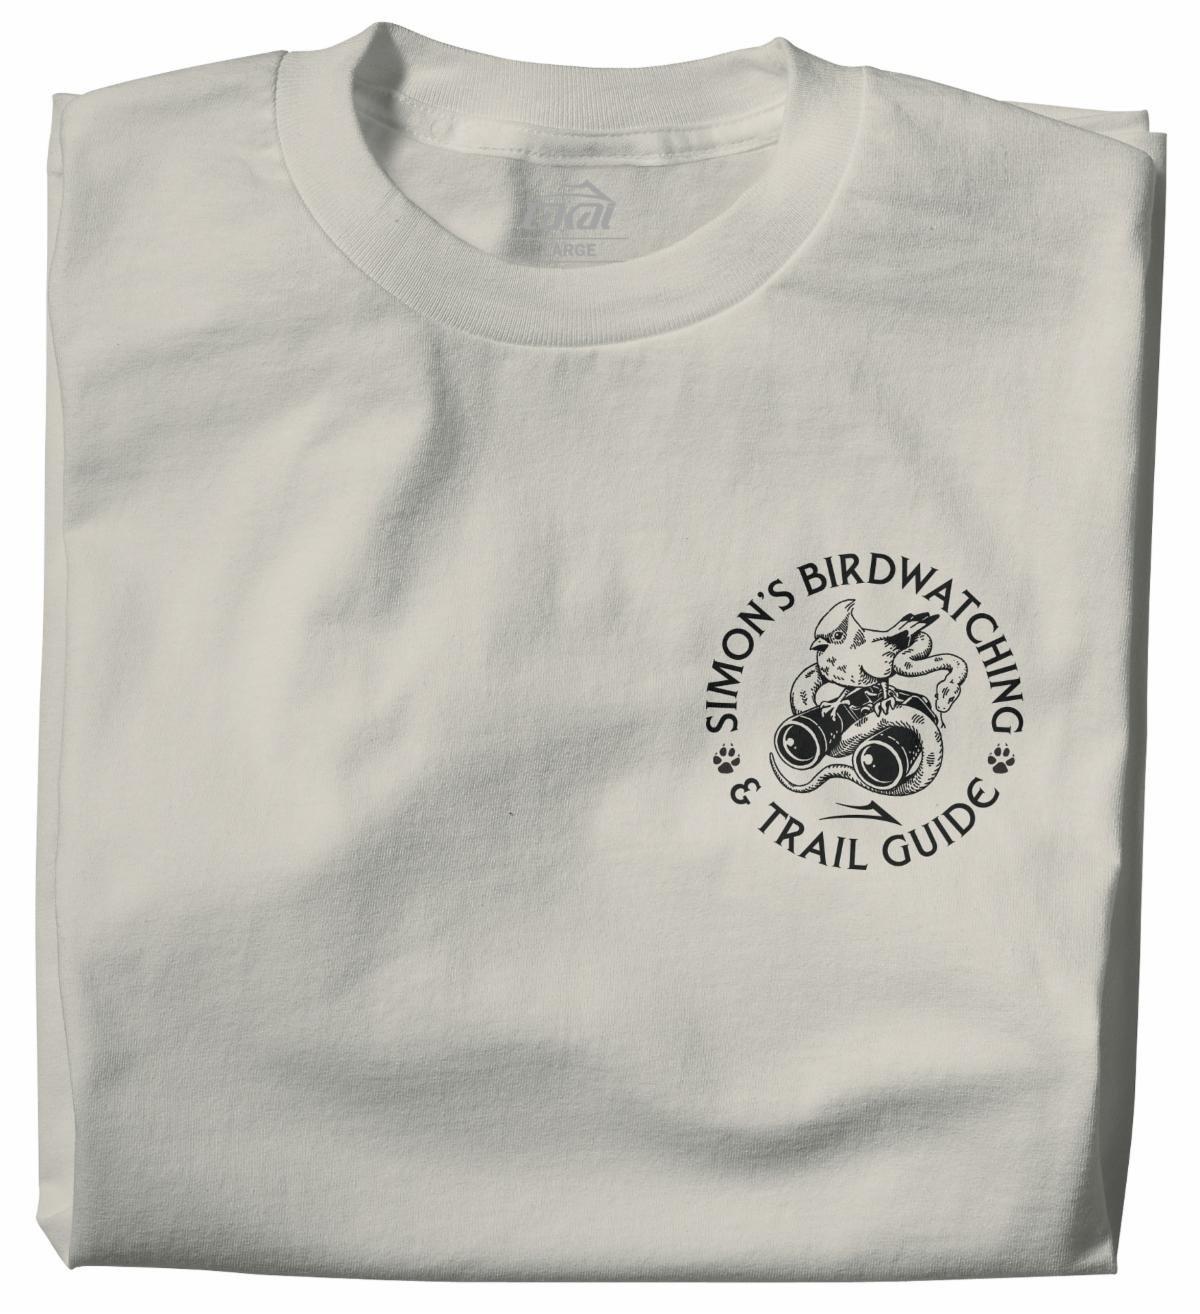 Lakai Simon's Birdwatching s/s t shirt sand